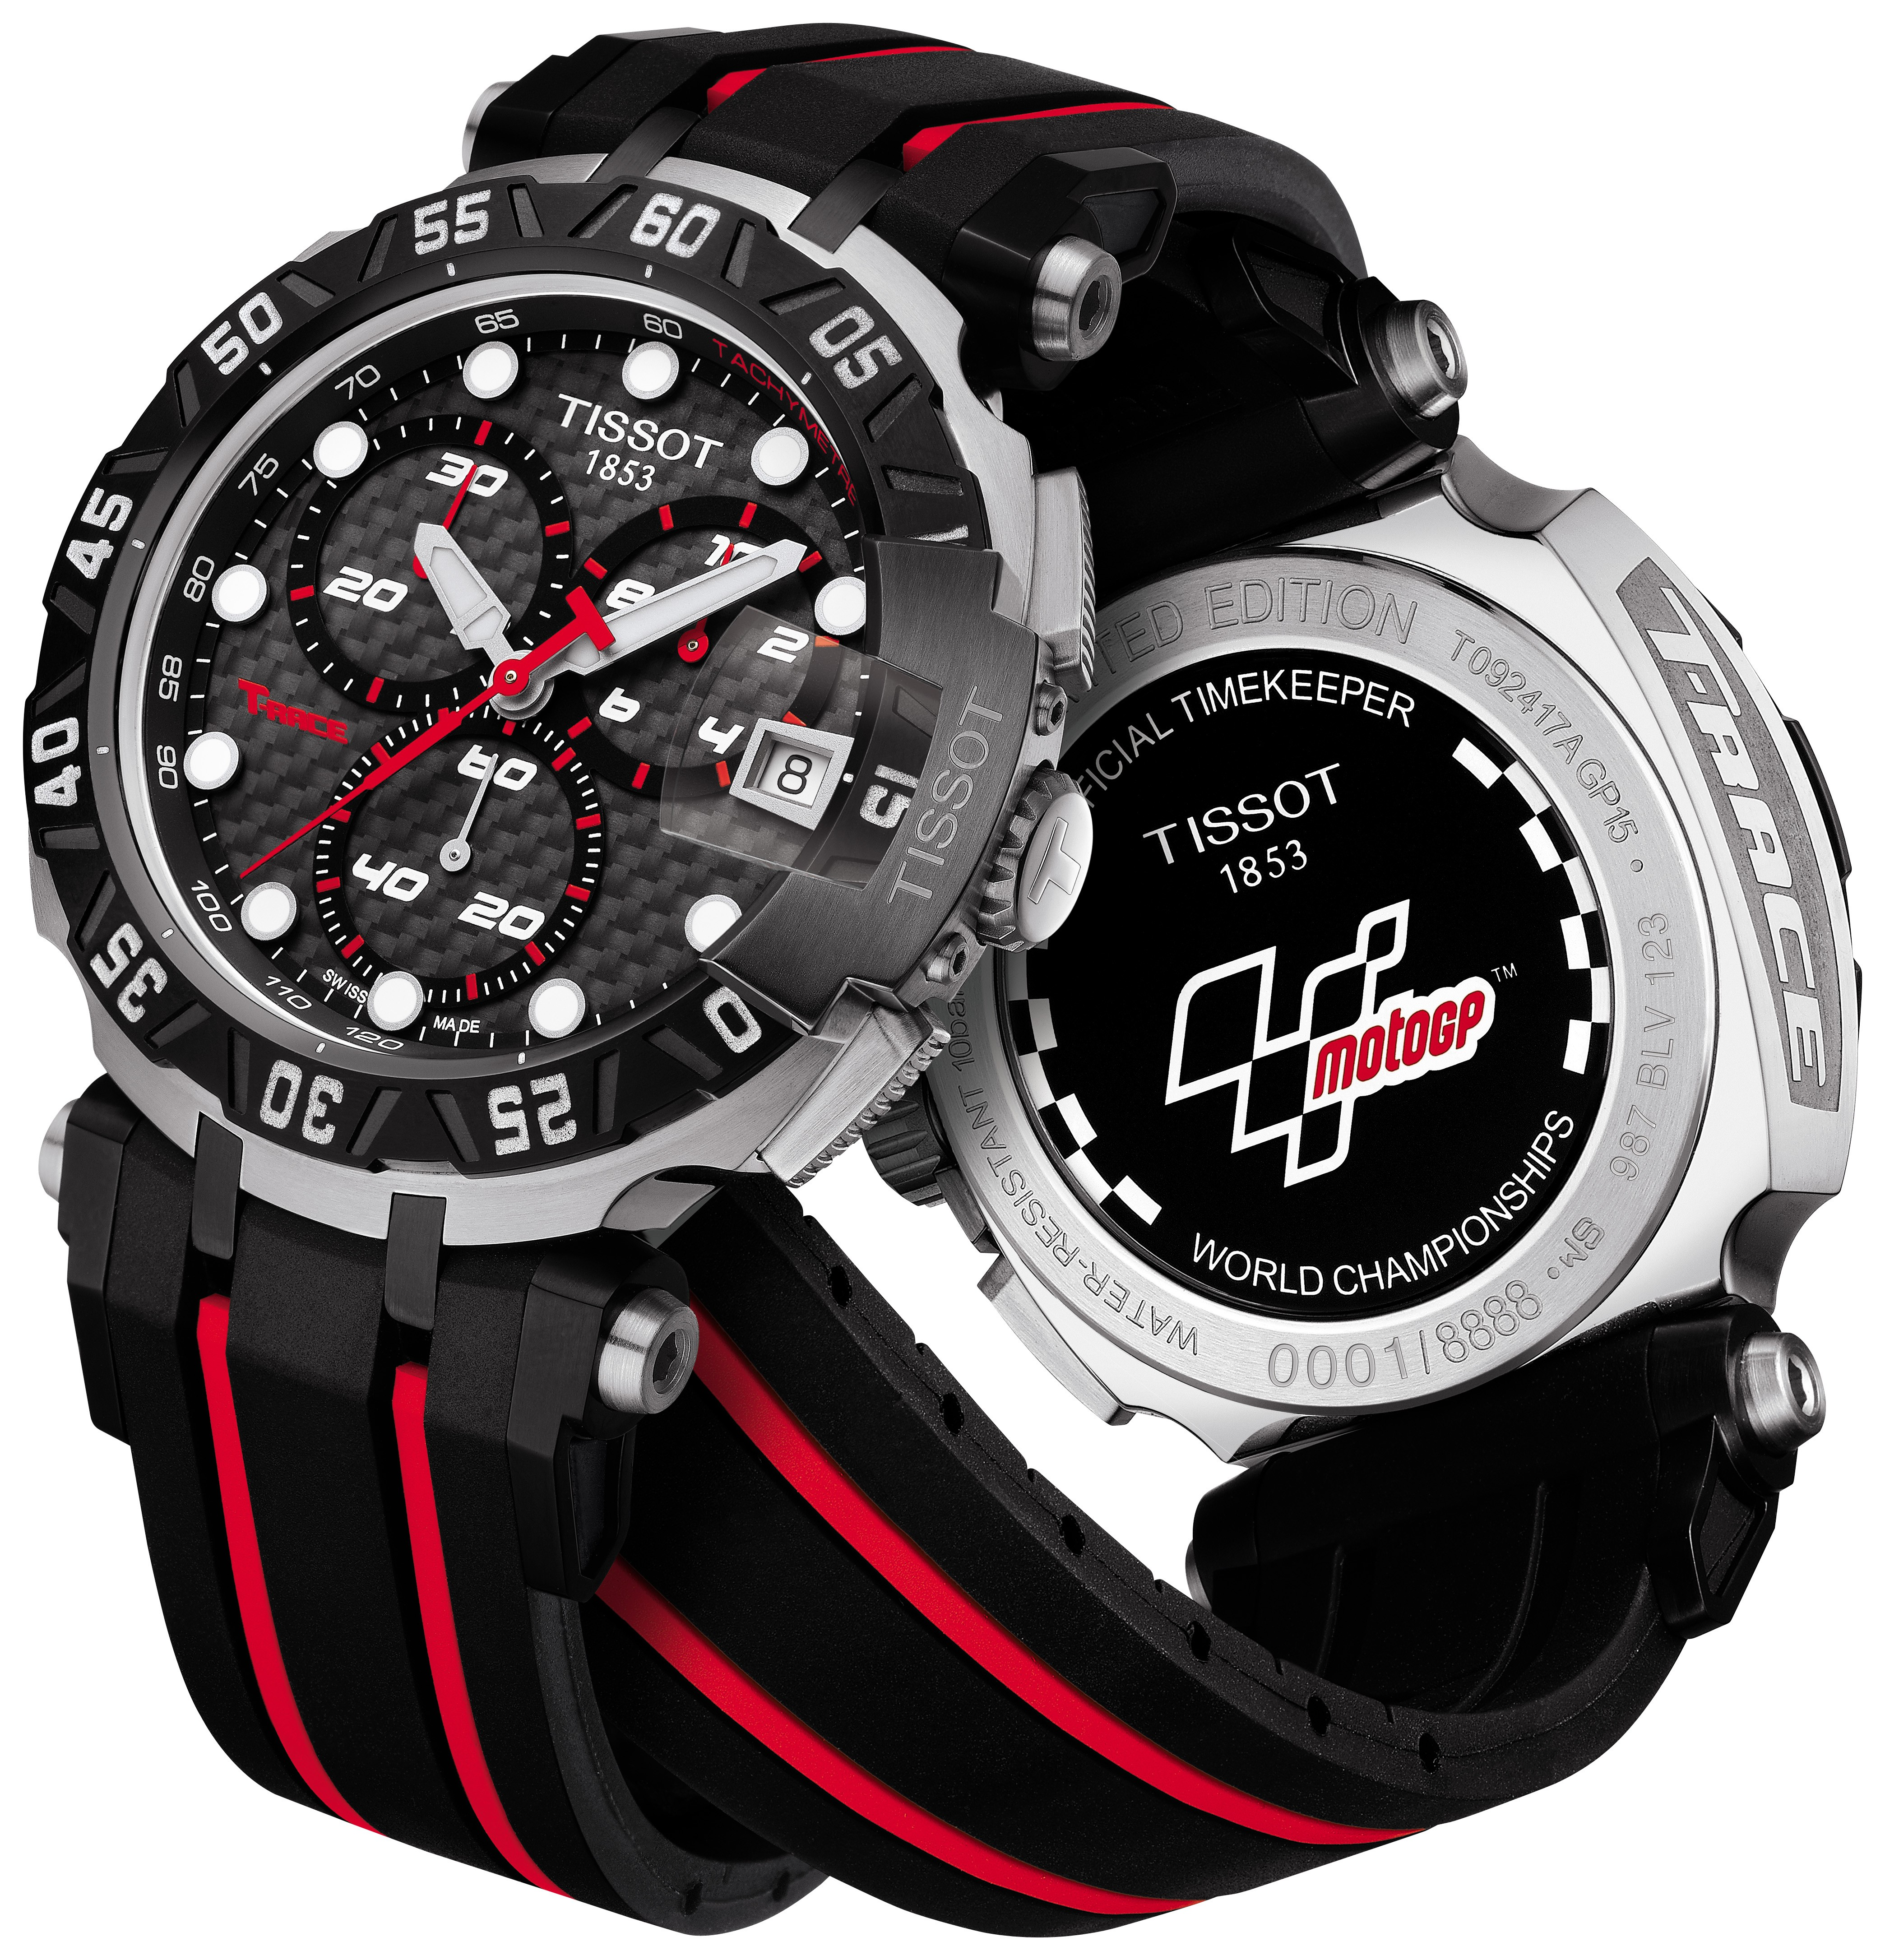 Tissot T0924172720100 T-Race MotoGP L (end 7/3/2016 1:23 PM)